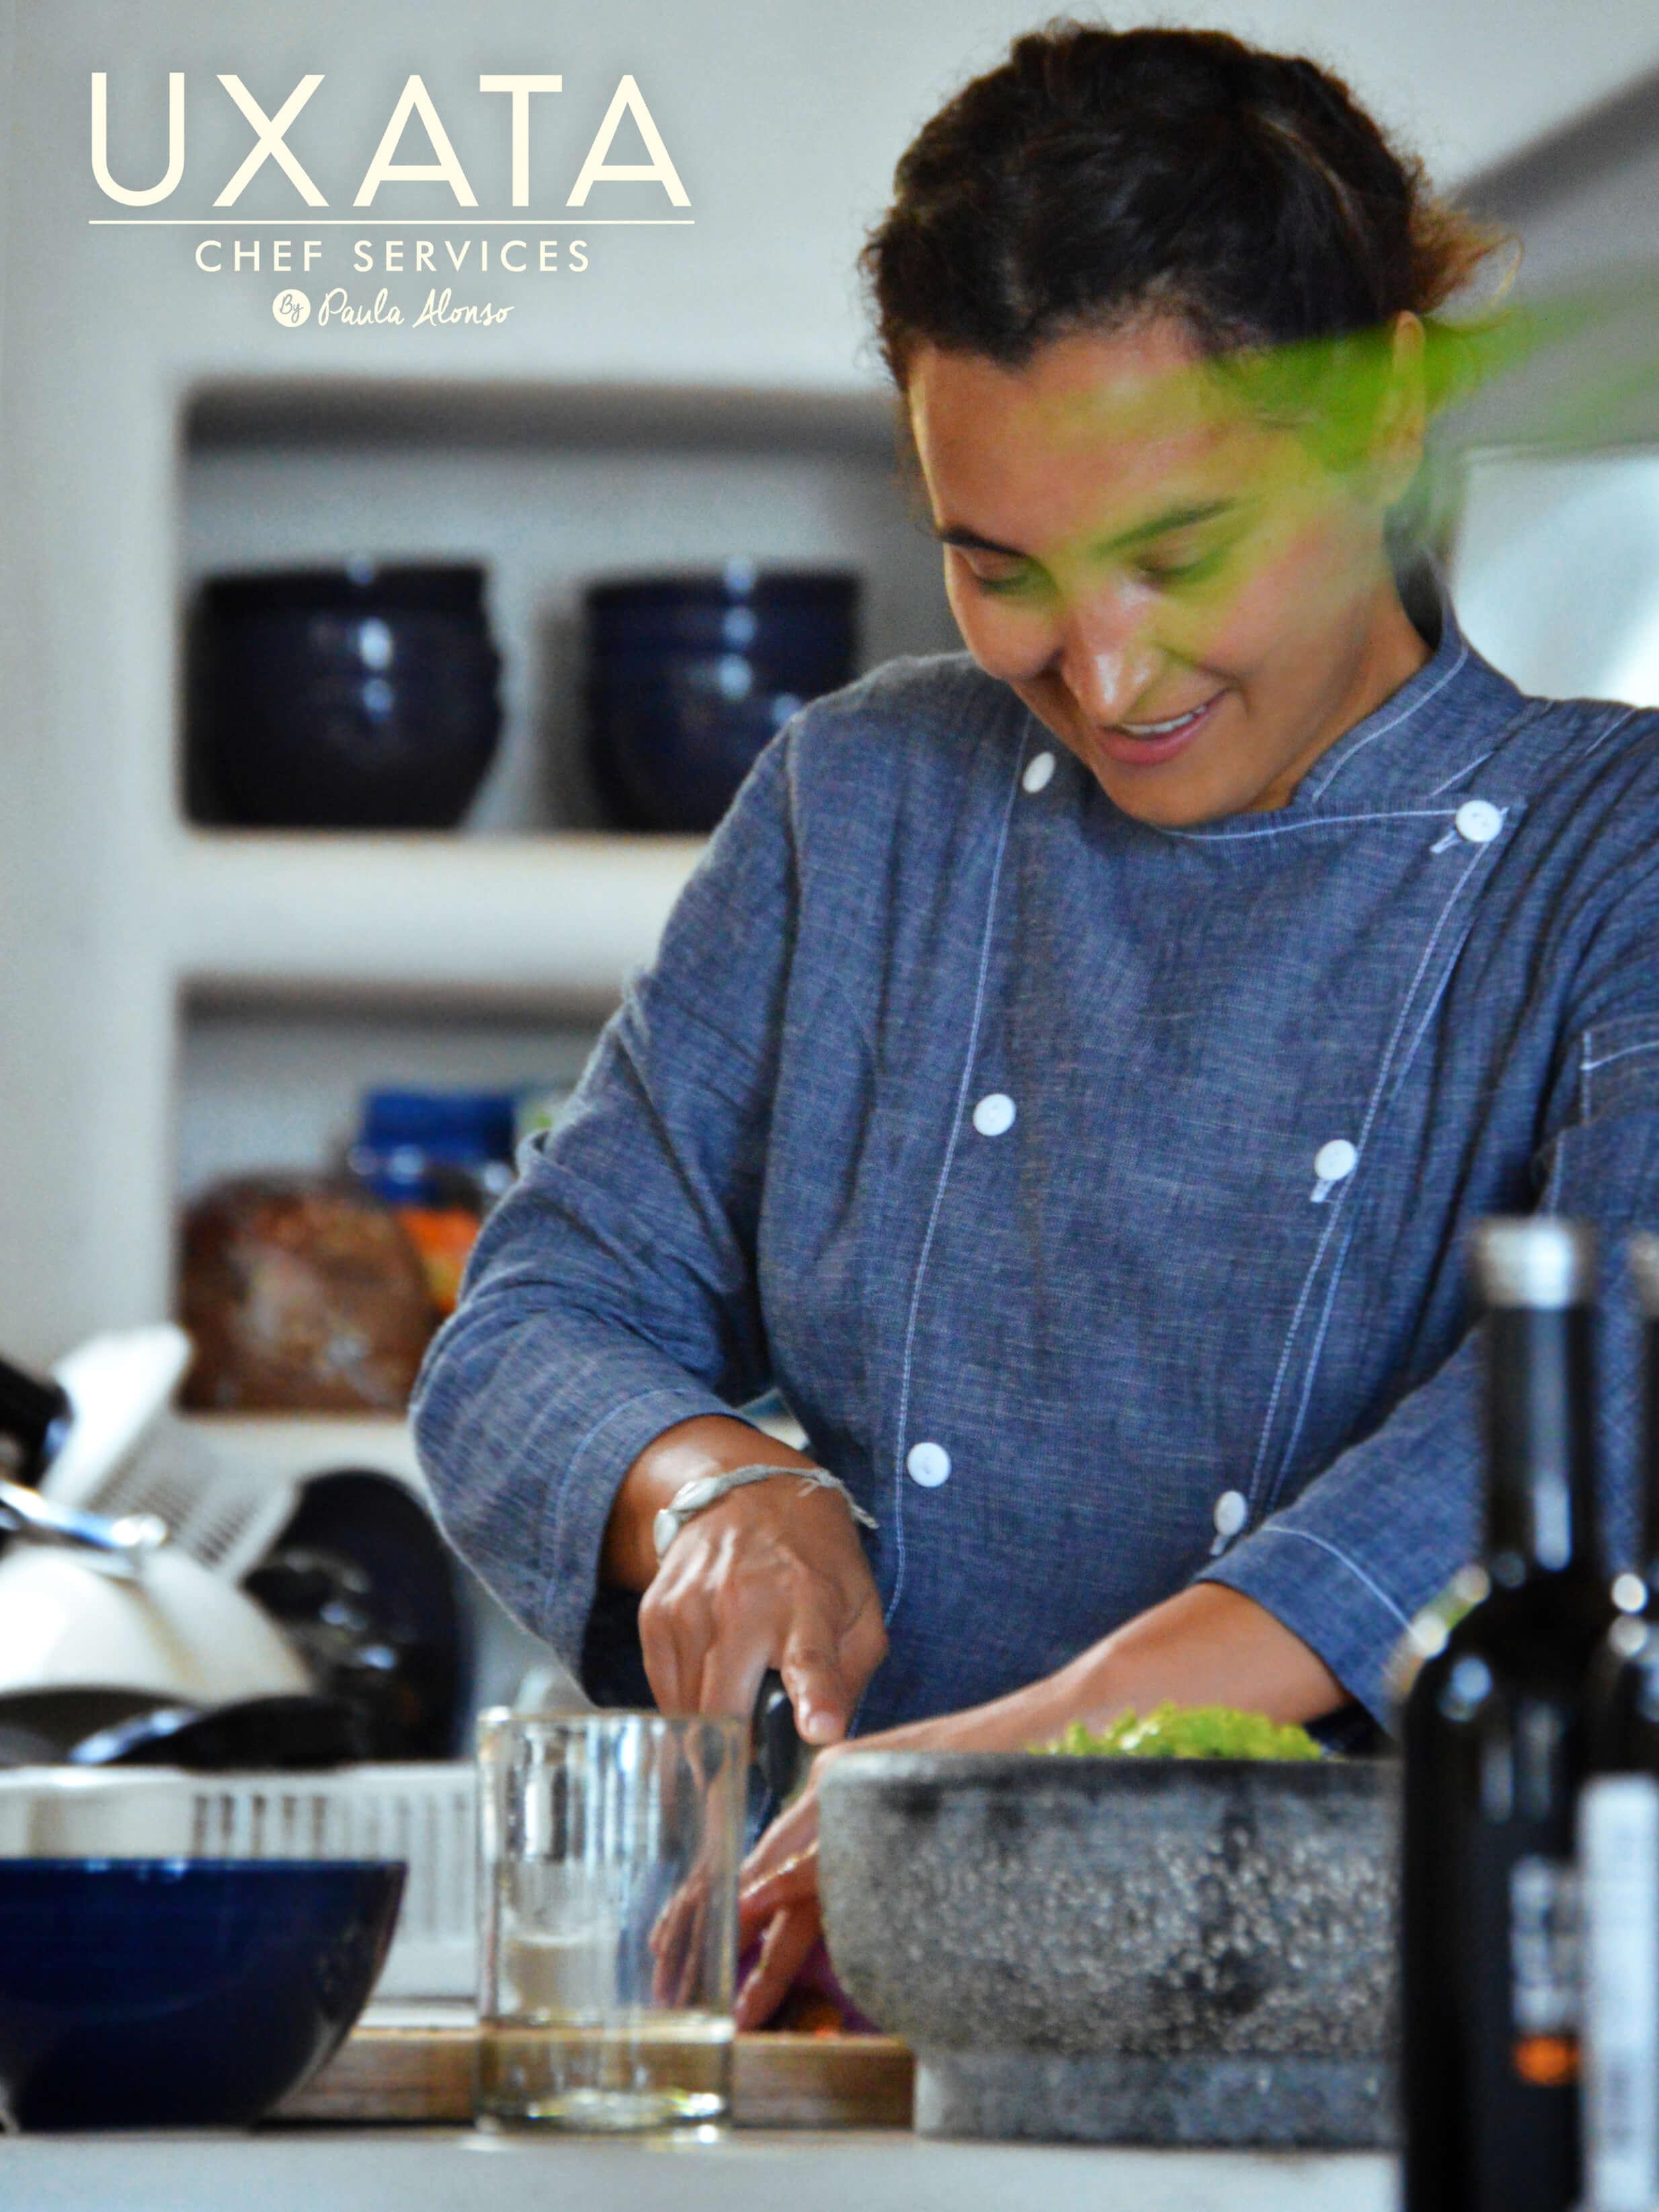 UXATA-Private-Chef-Services